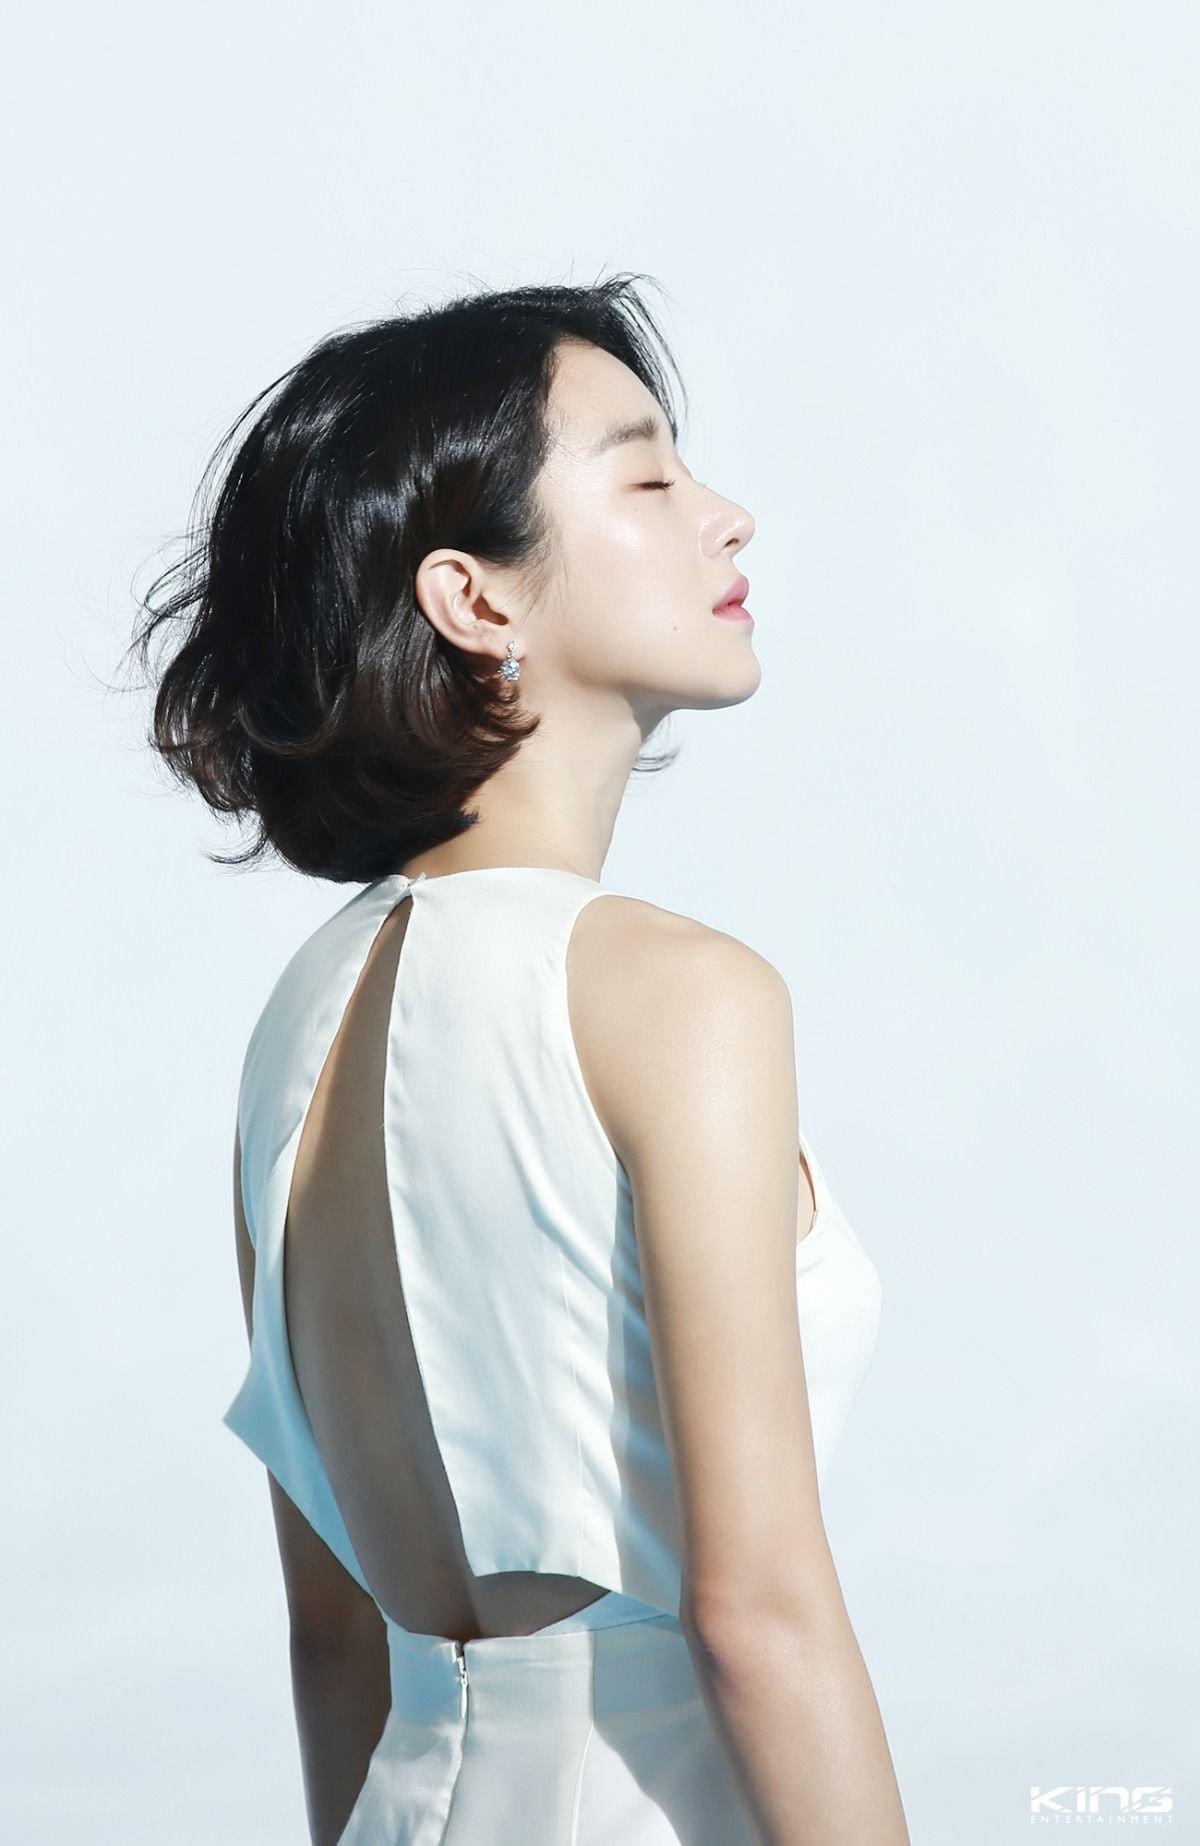 Neitzen tranh cãi nảy lửa khi so kè mái tóc của Seo Ye Ji: Người khen tóc dài sang, người lại bảo tóc ngắn trẻ hơn - Ảnh 7.